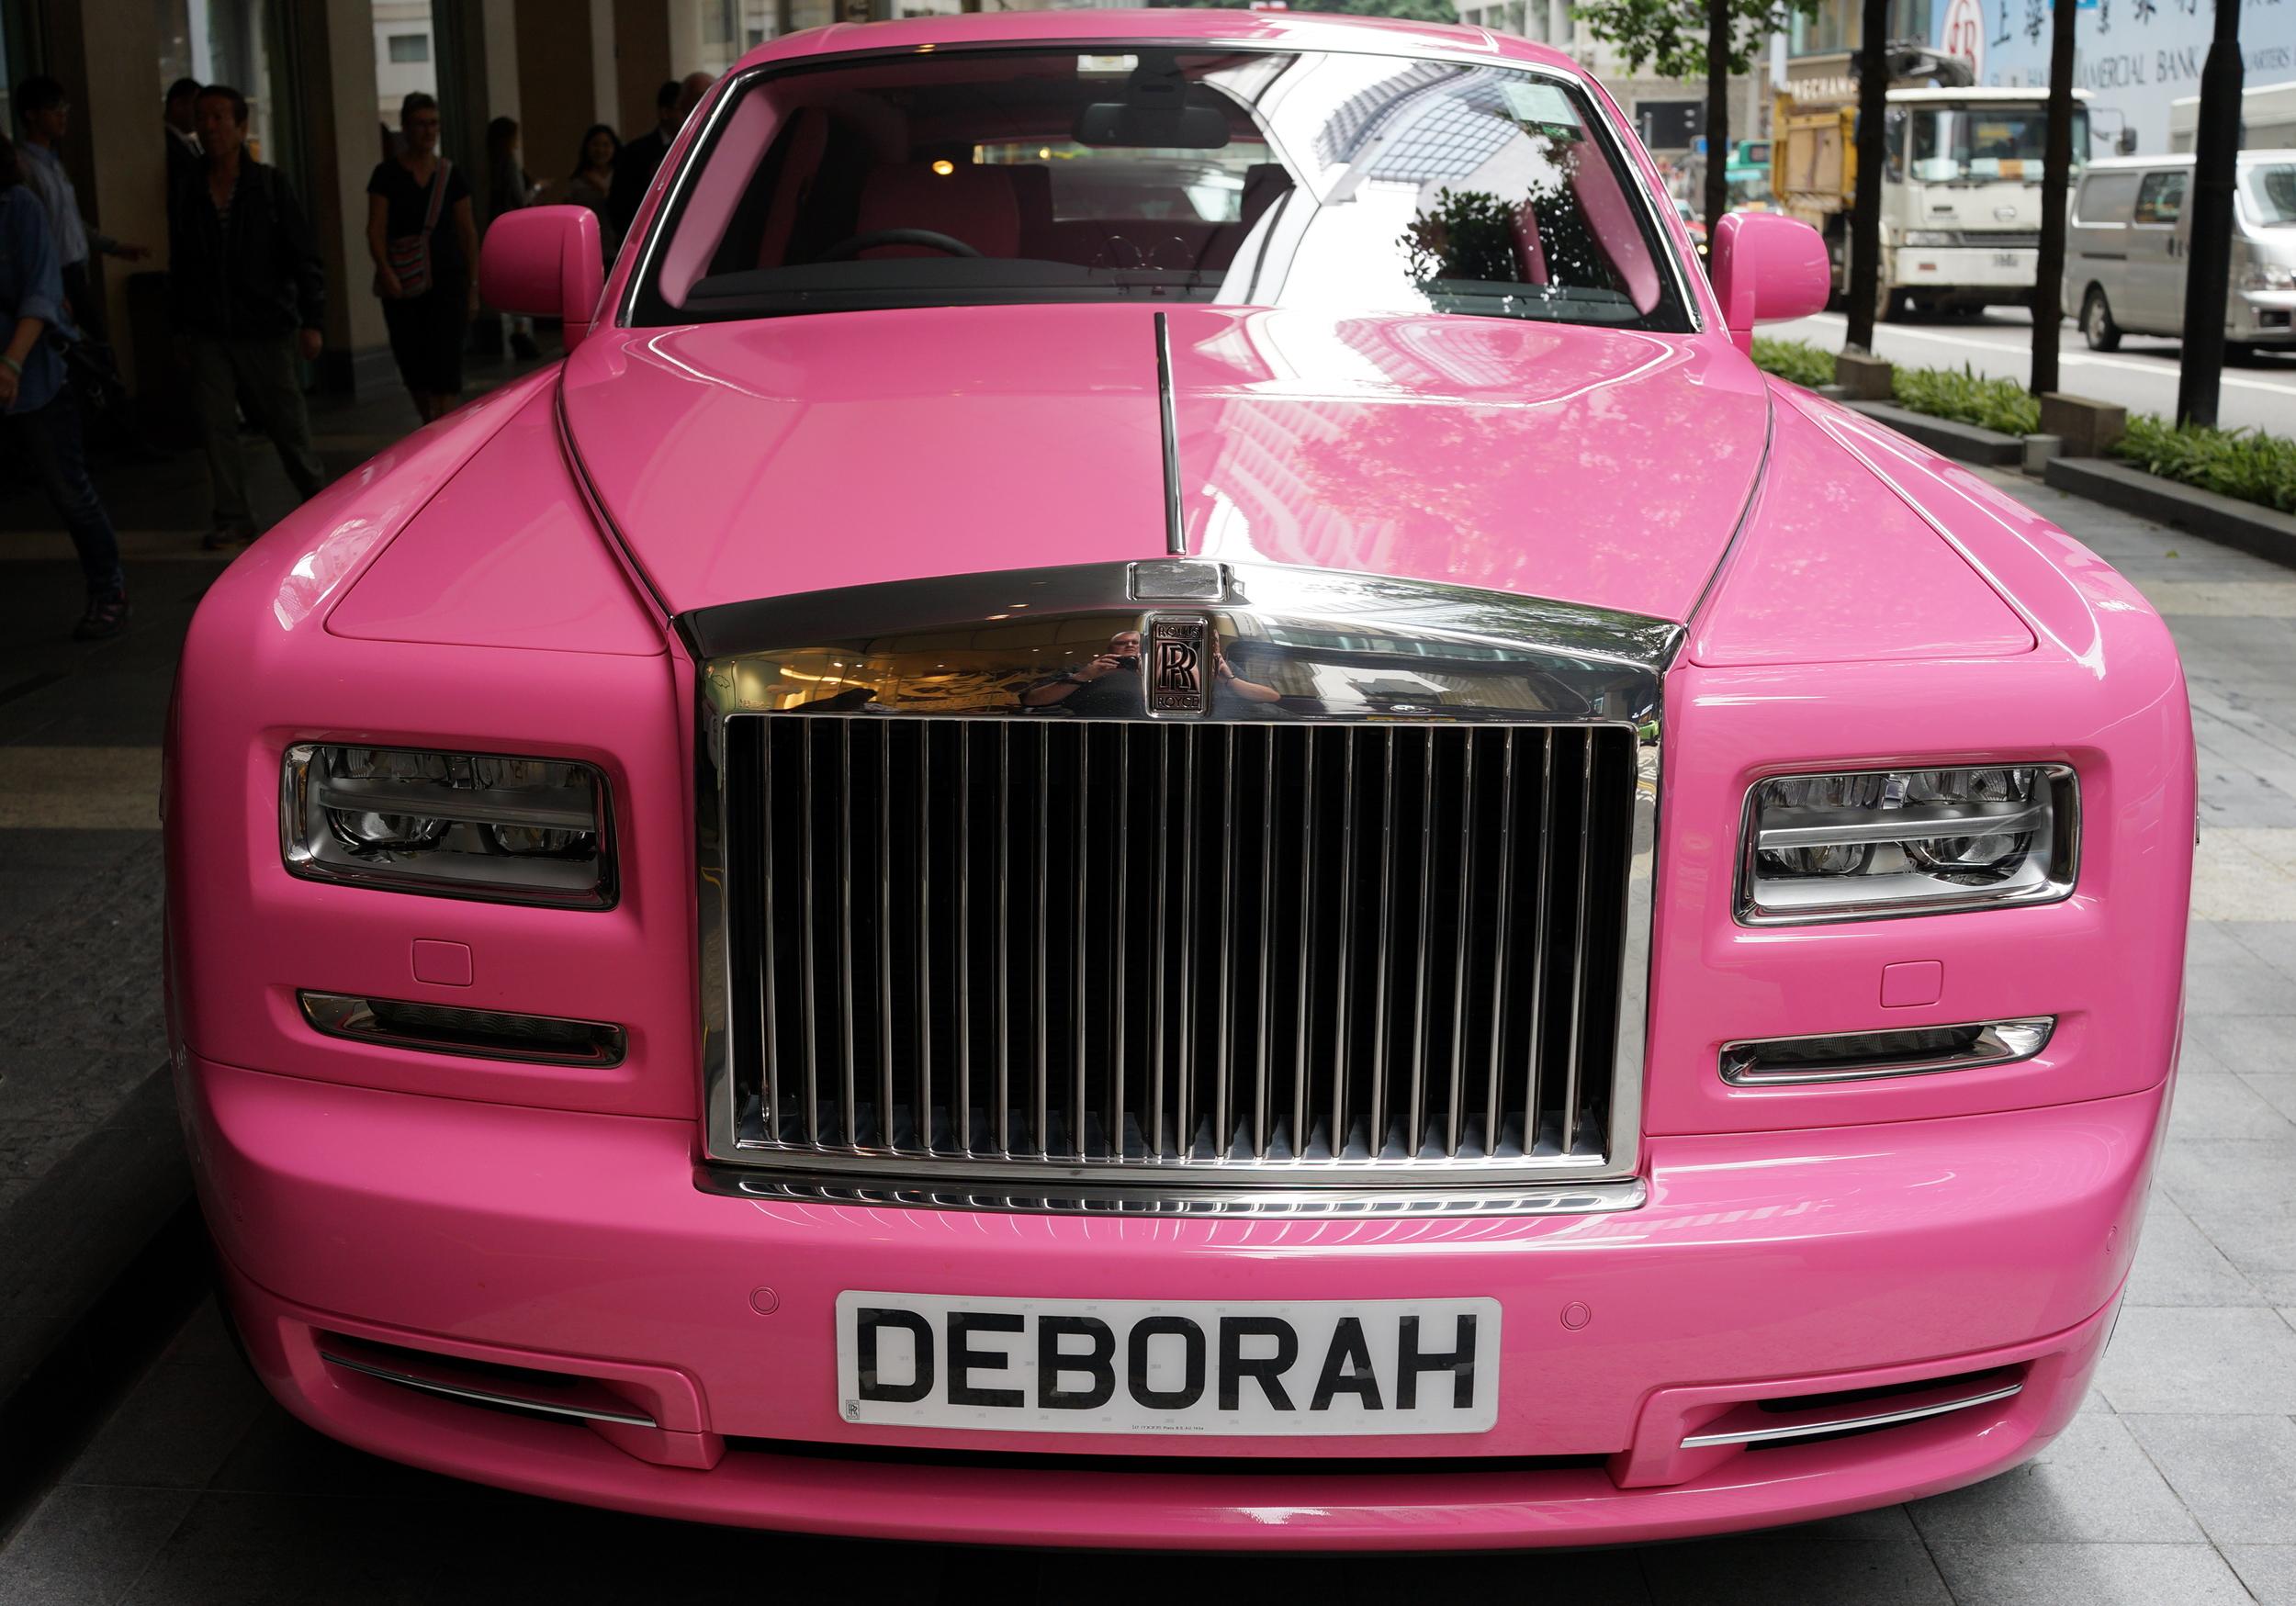 Deborah's Pink Rolls Royce Phantom from the front